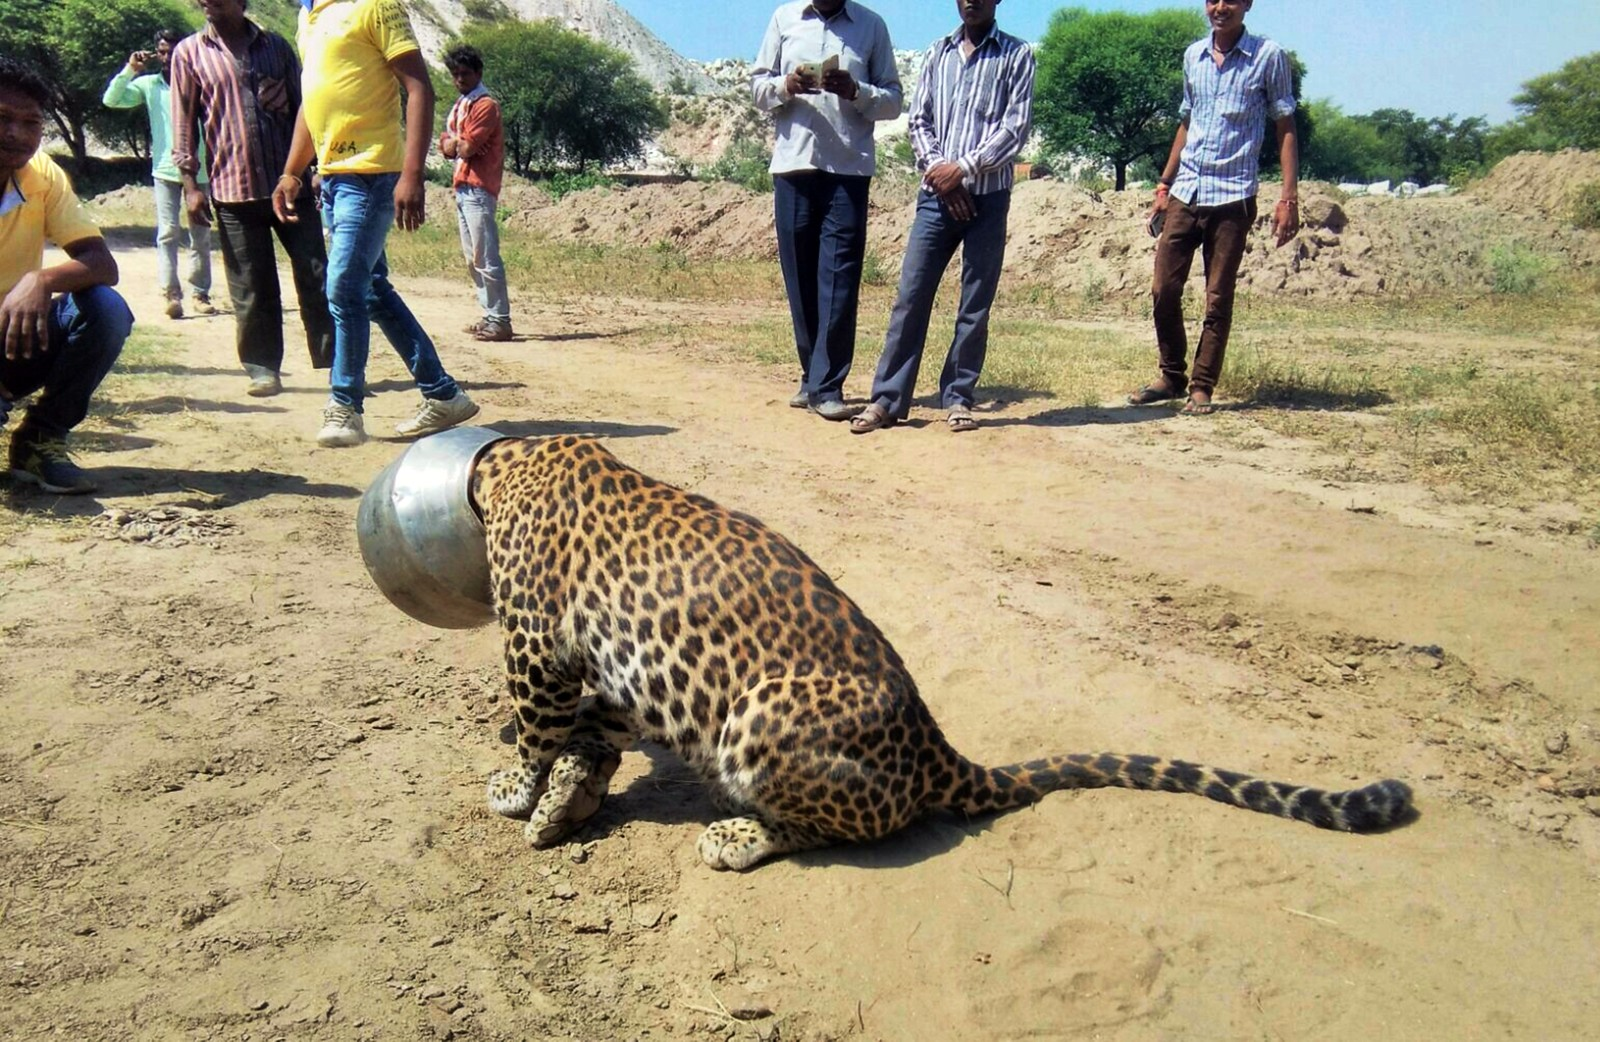 Denne uheldige leoparden satte hodet fast i en melkekrukke da den prøvde å slukke tørsten. Ved hjelp av bedøvelsespiler og sag fikk skogvoktere fjernet krukka fra dyret.